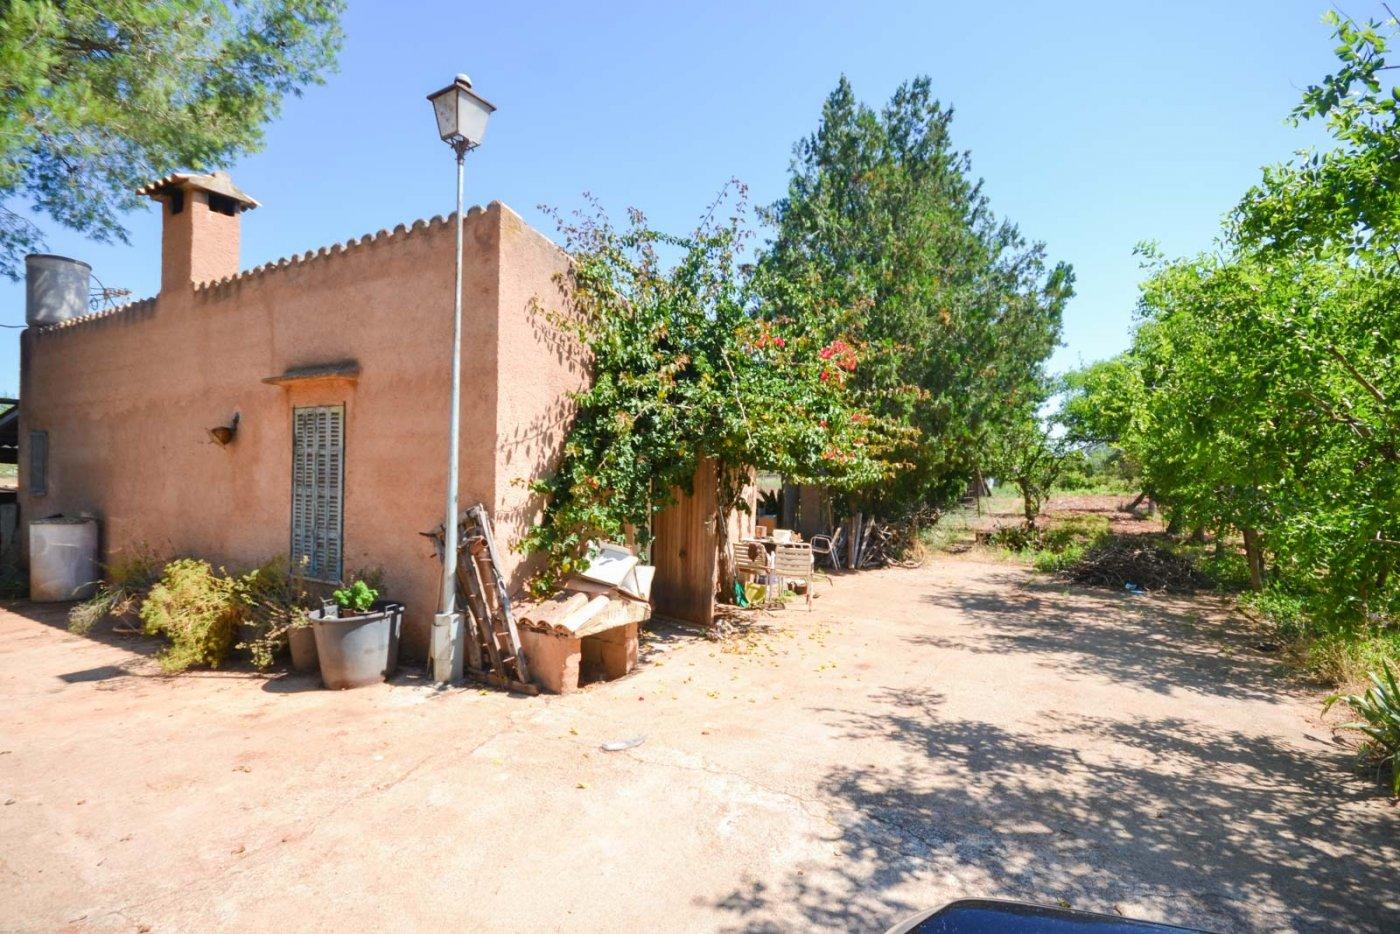 Finca rustica en venta con casa de campo en son valls felanitx - imagenInmueble7